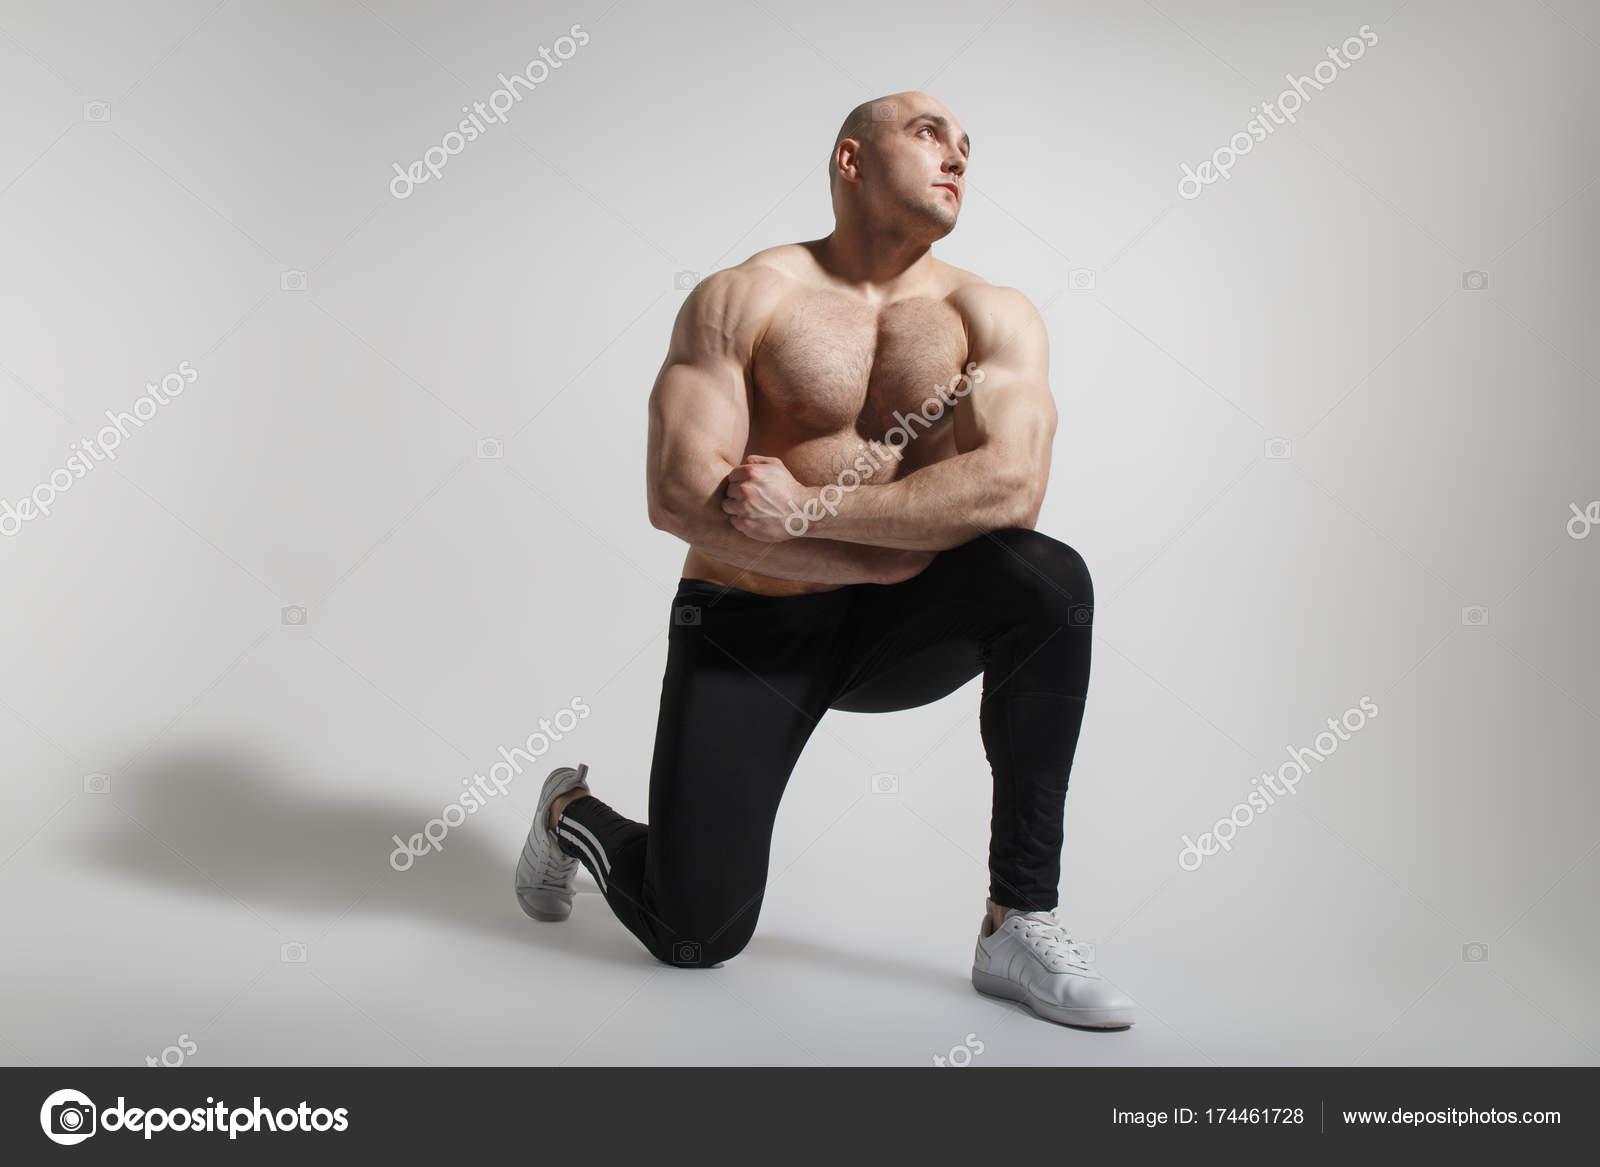 Сексуальная жизнь мужчин гимнастов